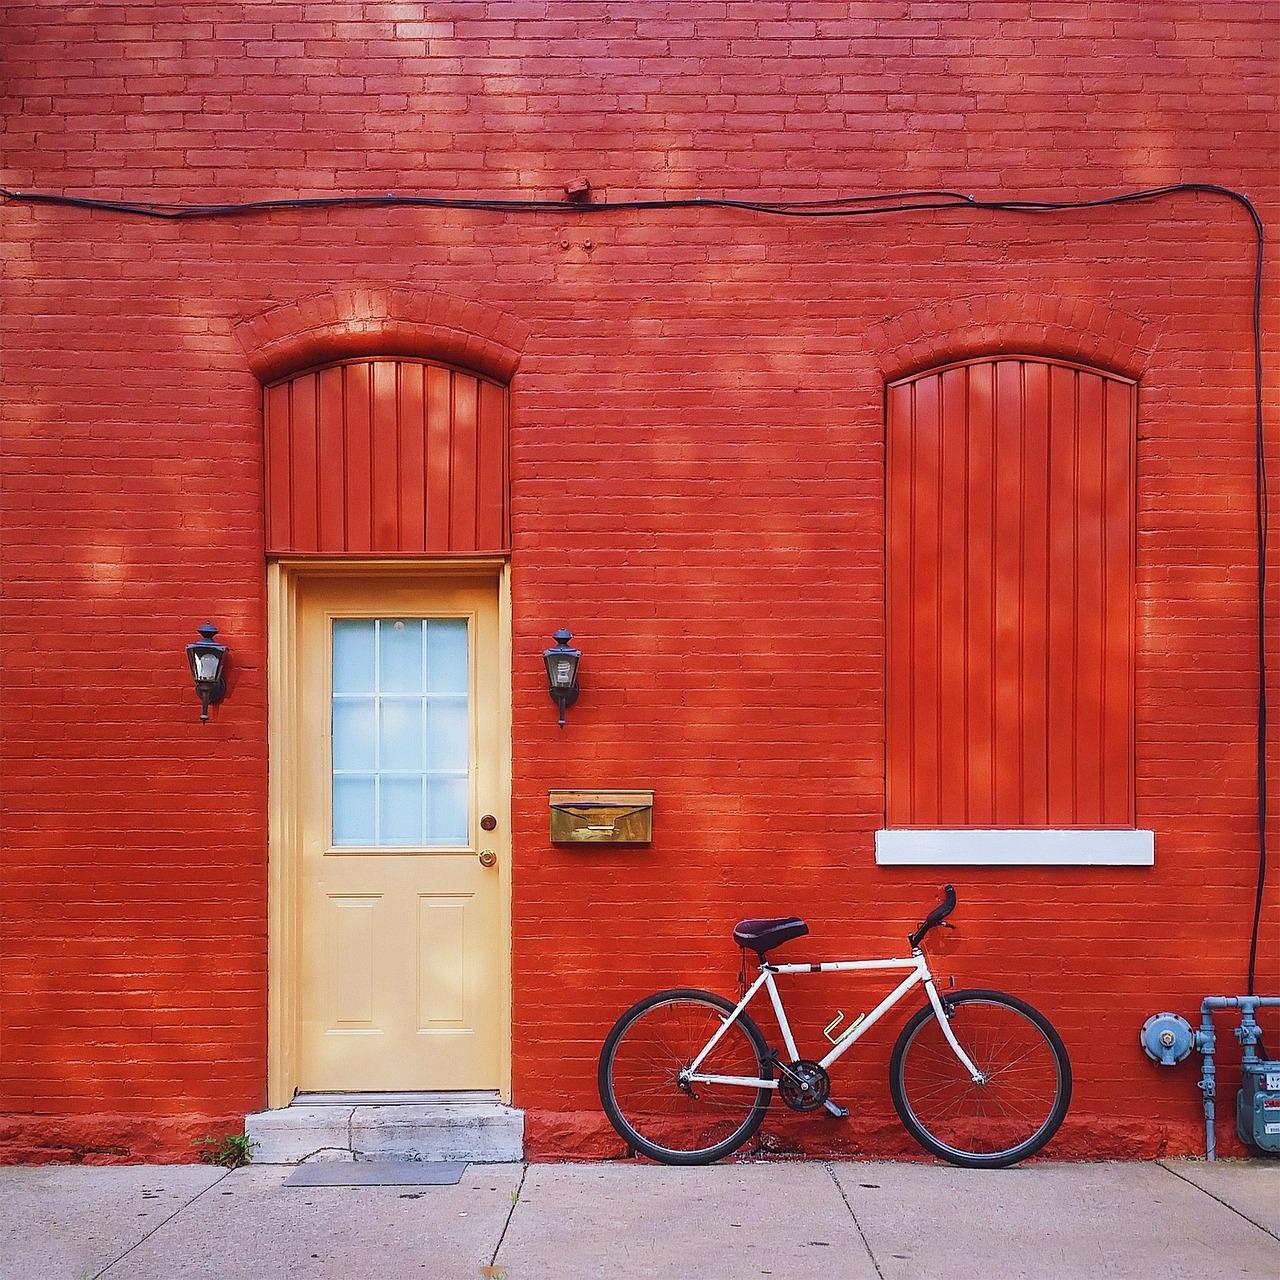 Bike against brick wall.jpg